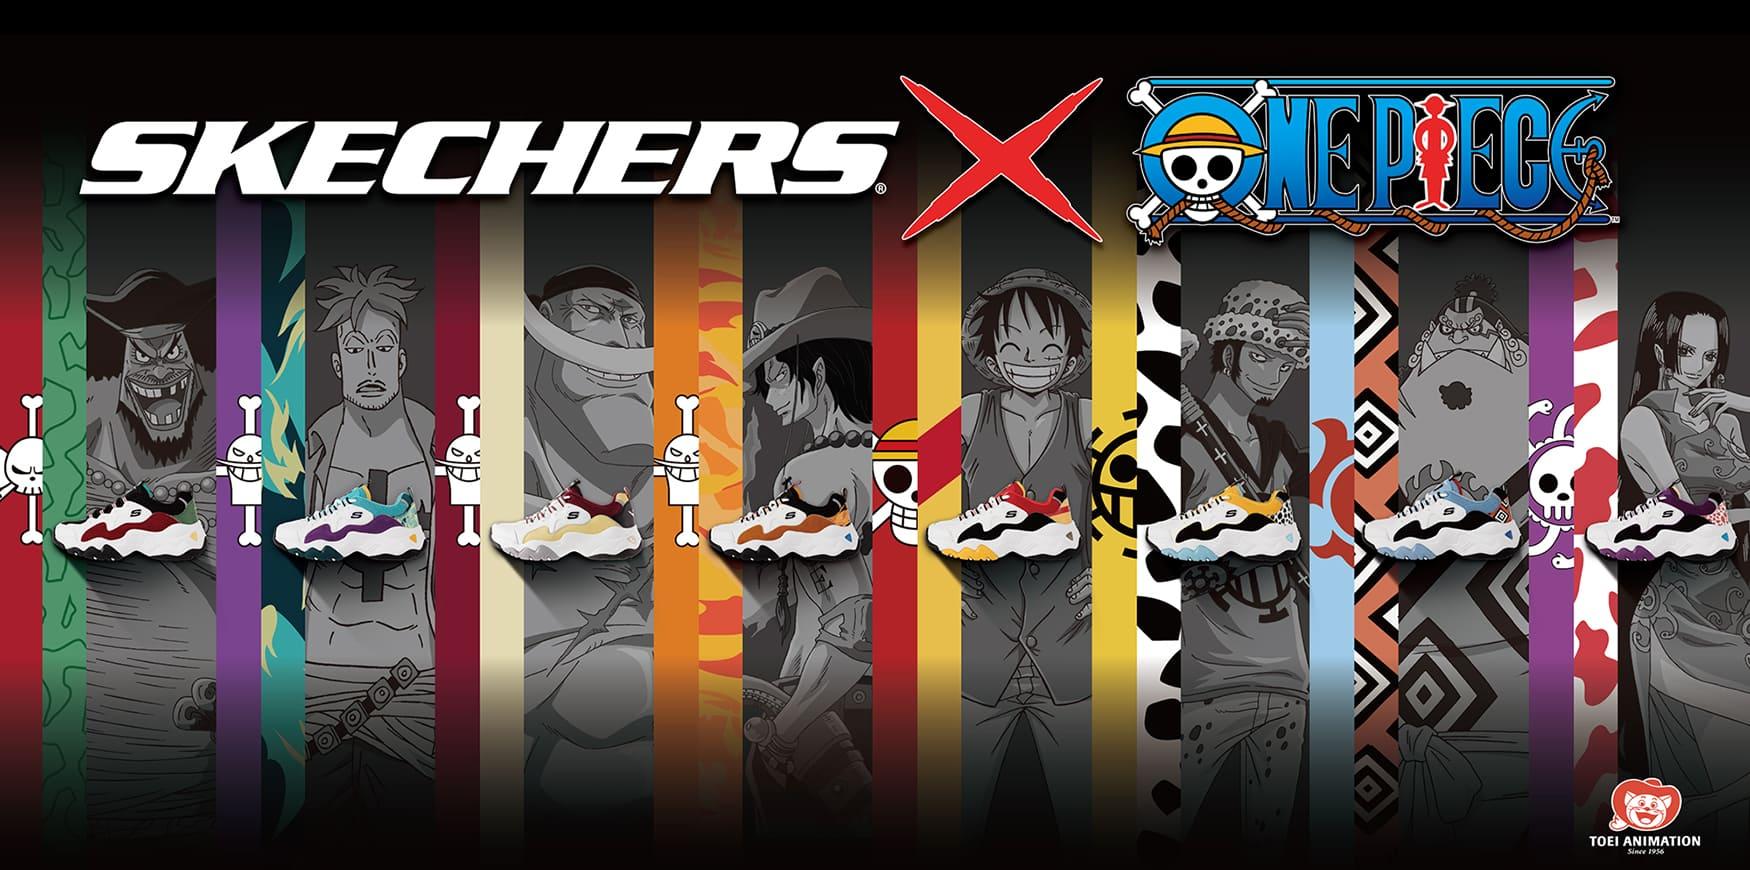 穿上SKECHERS成為海賊王! SKECHERS x ONE PIECE聯名鞋款上市全球唯一八款齊發